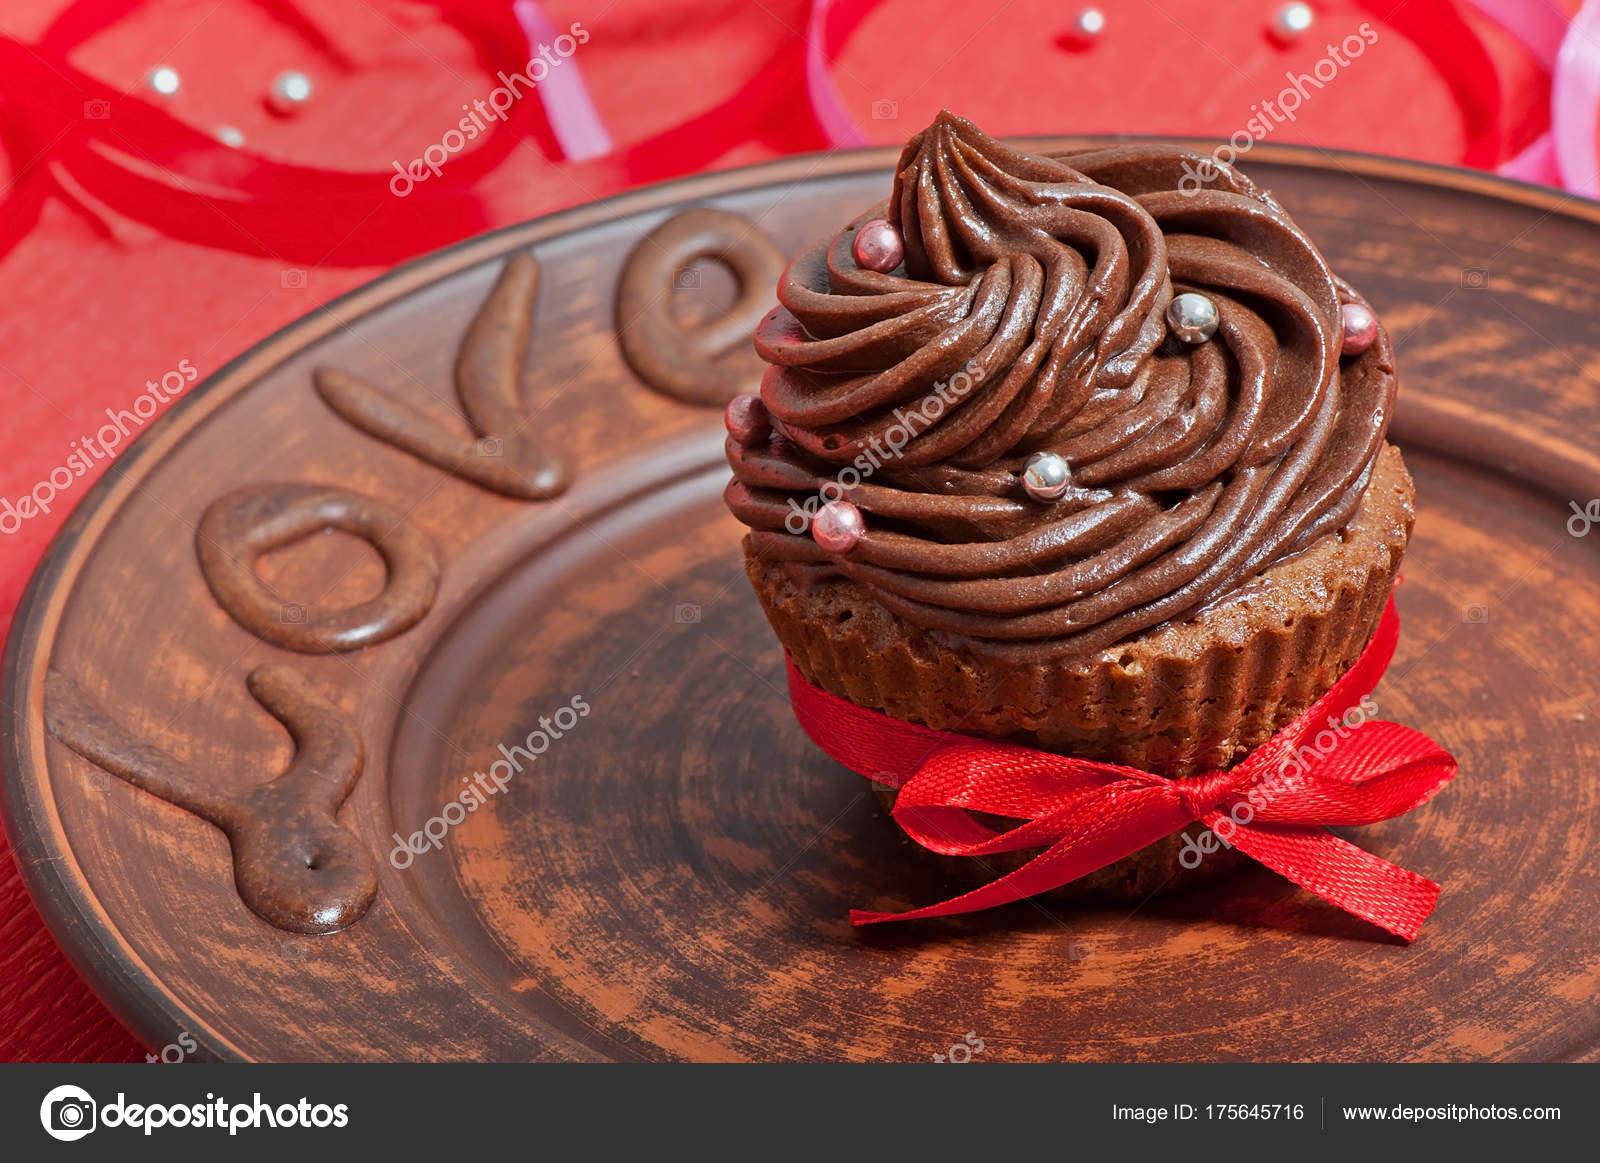 Cupcake Chocolate Con Crema Chocolate Decorado Con Cinta Una Placa